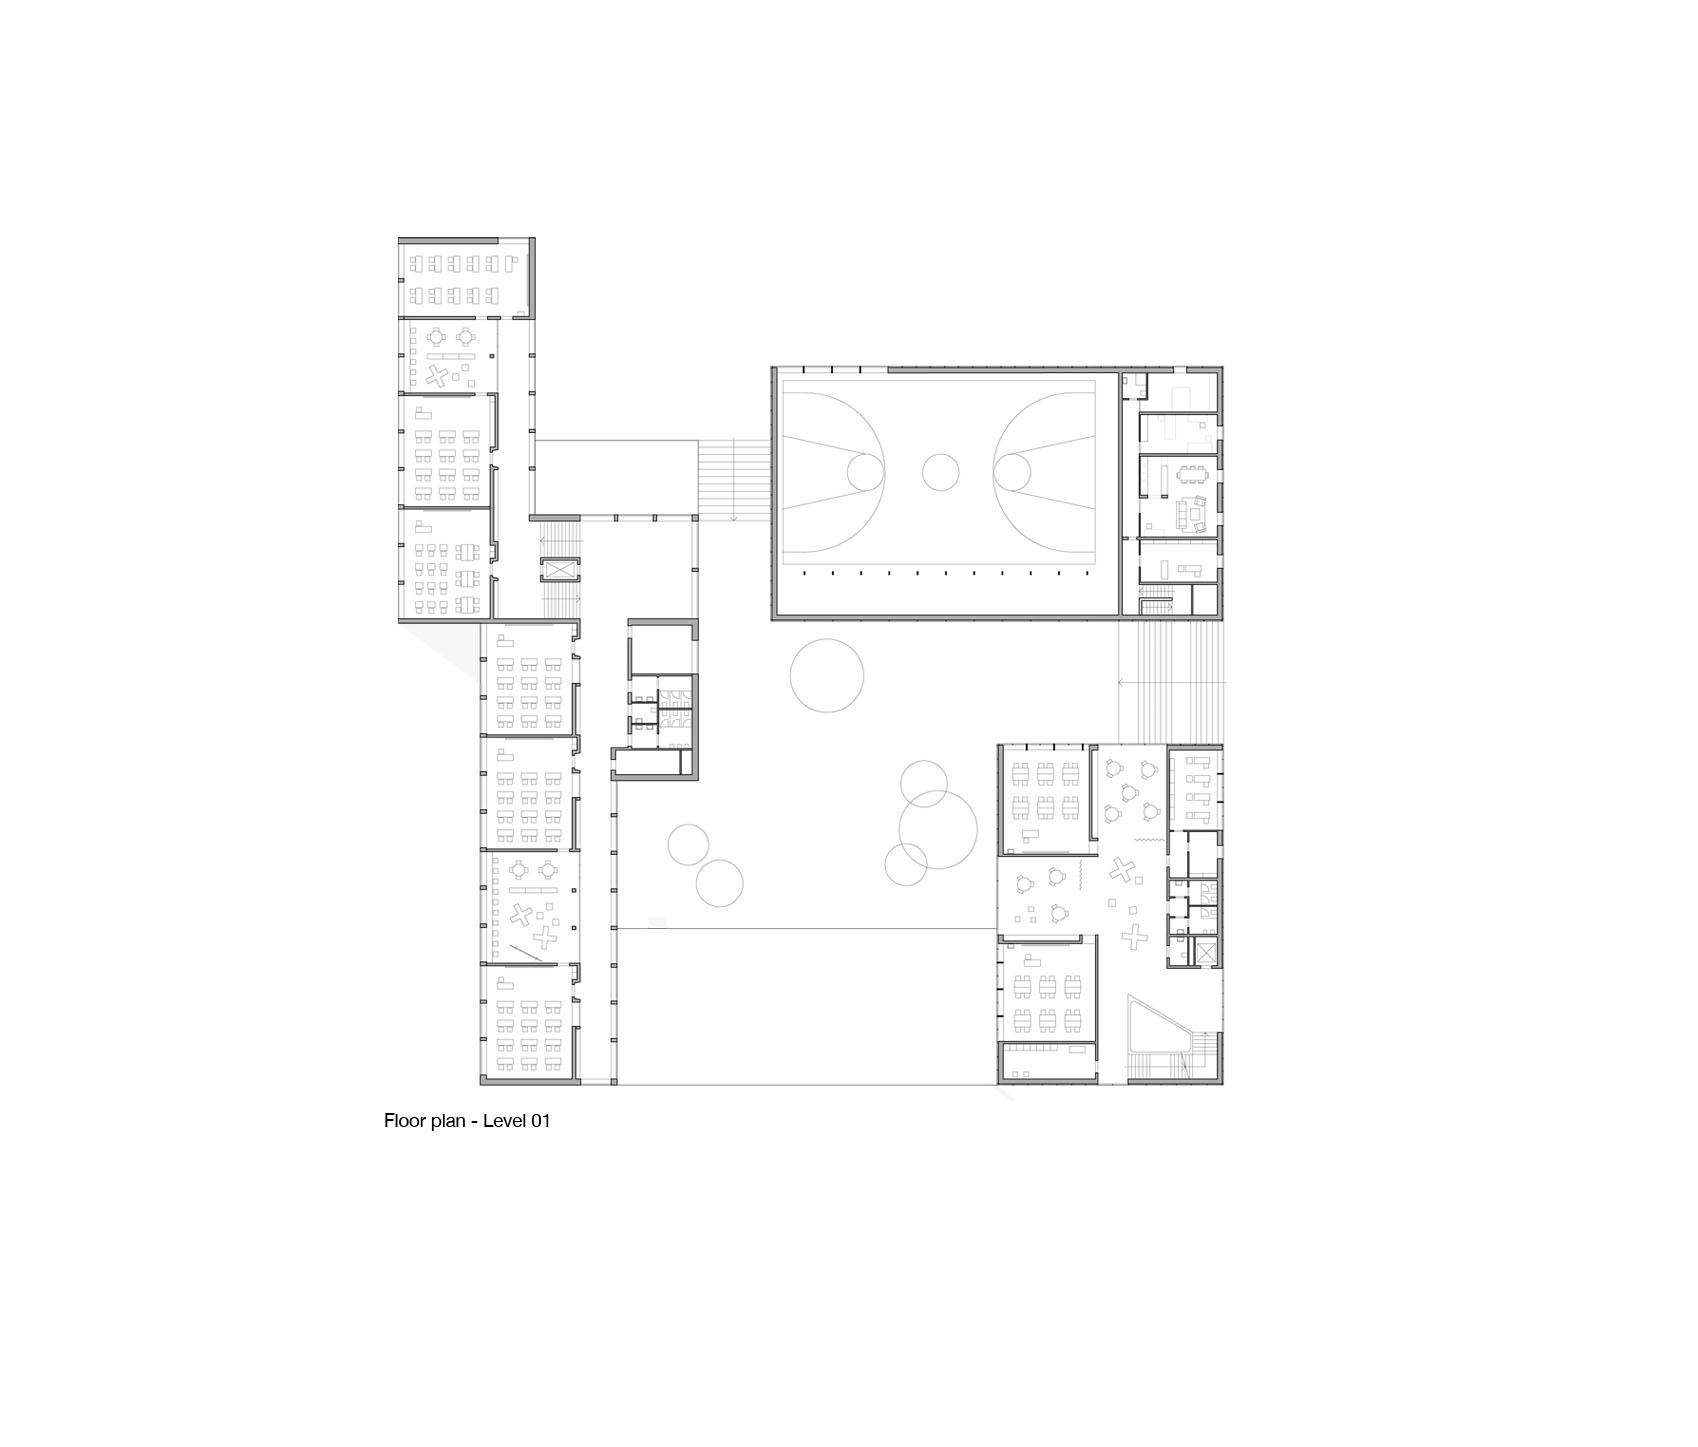 School Kleinwalsertal-Image 04.jpg